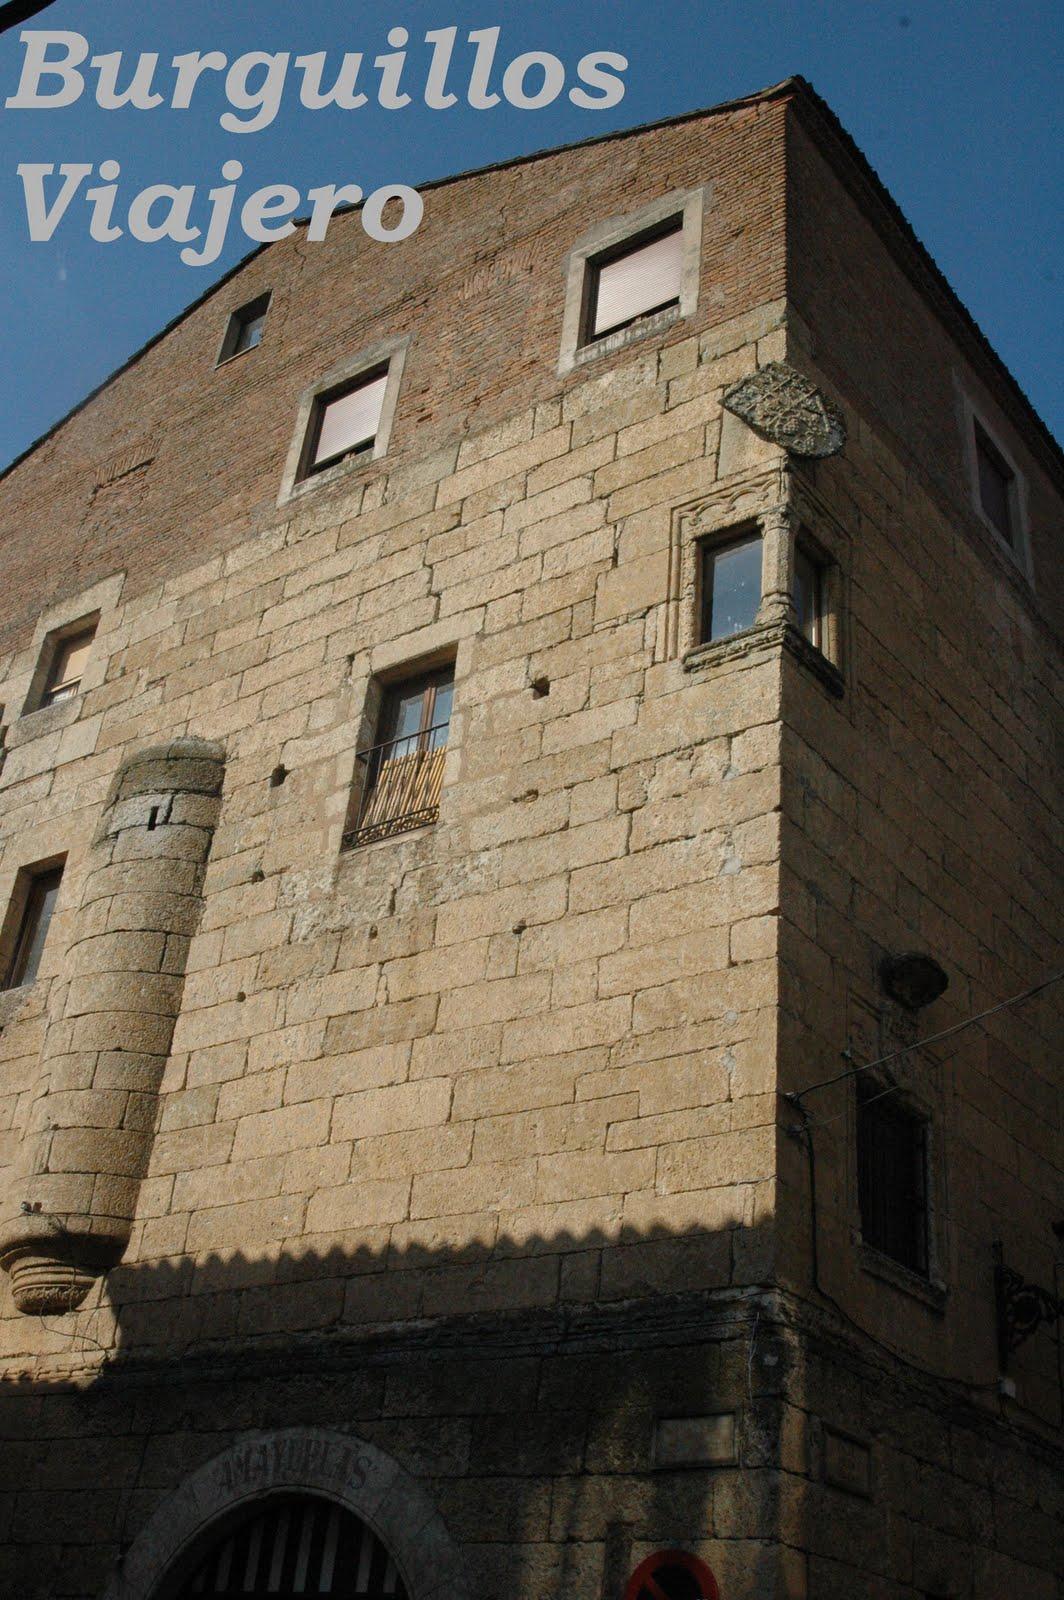 Burguillos viajero 249 ciudad rodrigo i salamanca 30 de junio de 2006 - Casa de la cadena ...